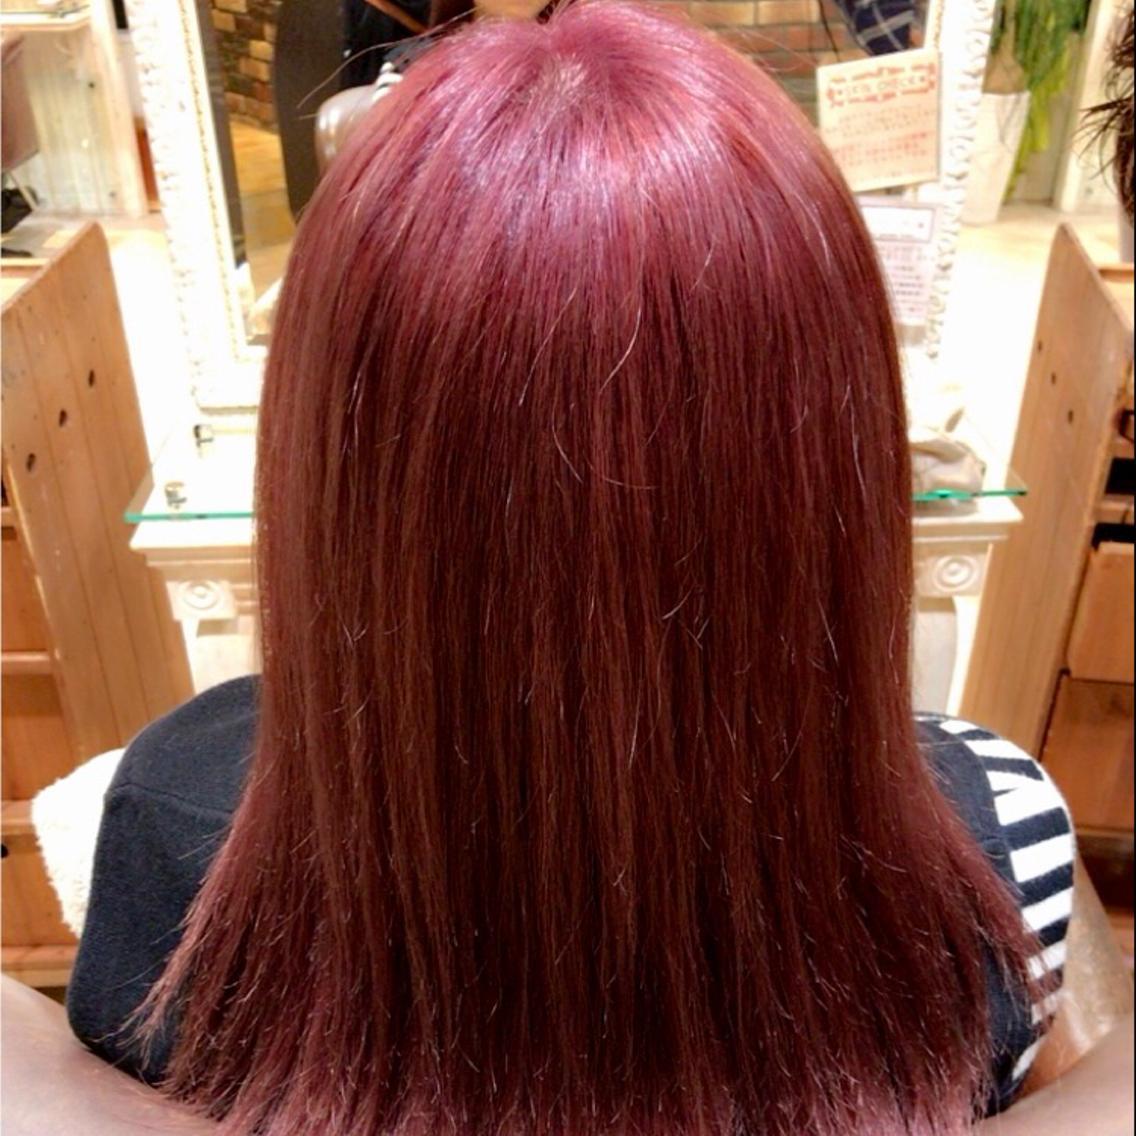 *小田急.南武線の登戸駅*カラー&縮毛矯正&トリートメントが半額以下!紫外線でカラーの退色、雨のせいで髪がうねるなどなど。。を気にされている方!カラーやトリートメントでしっかりケアさせていただきます☆